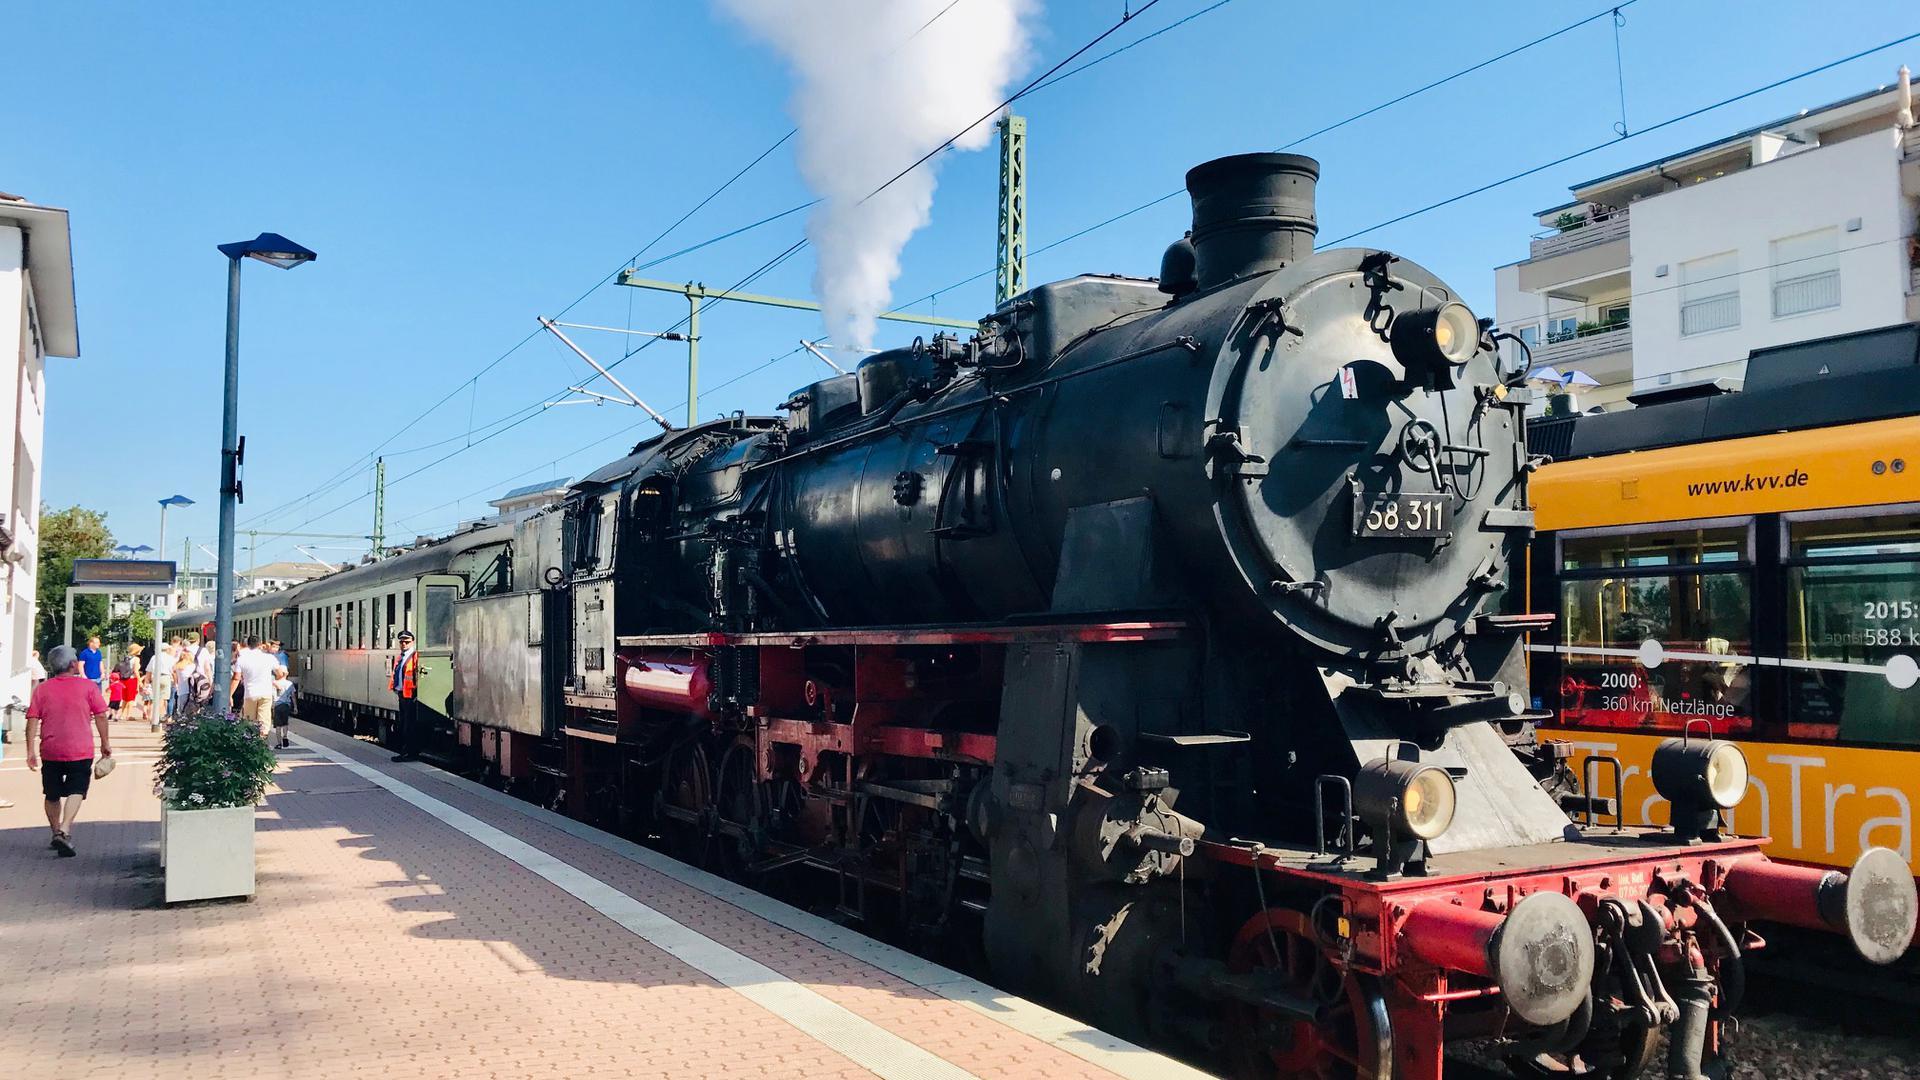 Dampflok Karlsruhe